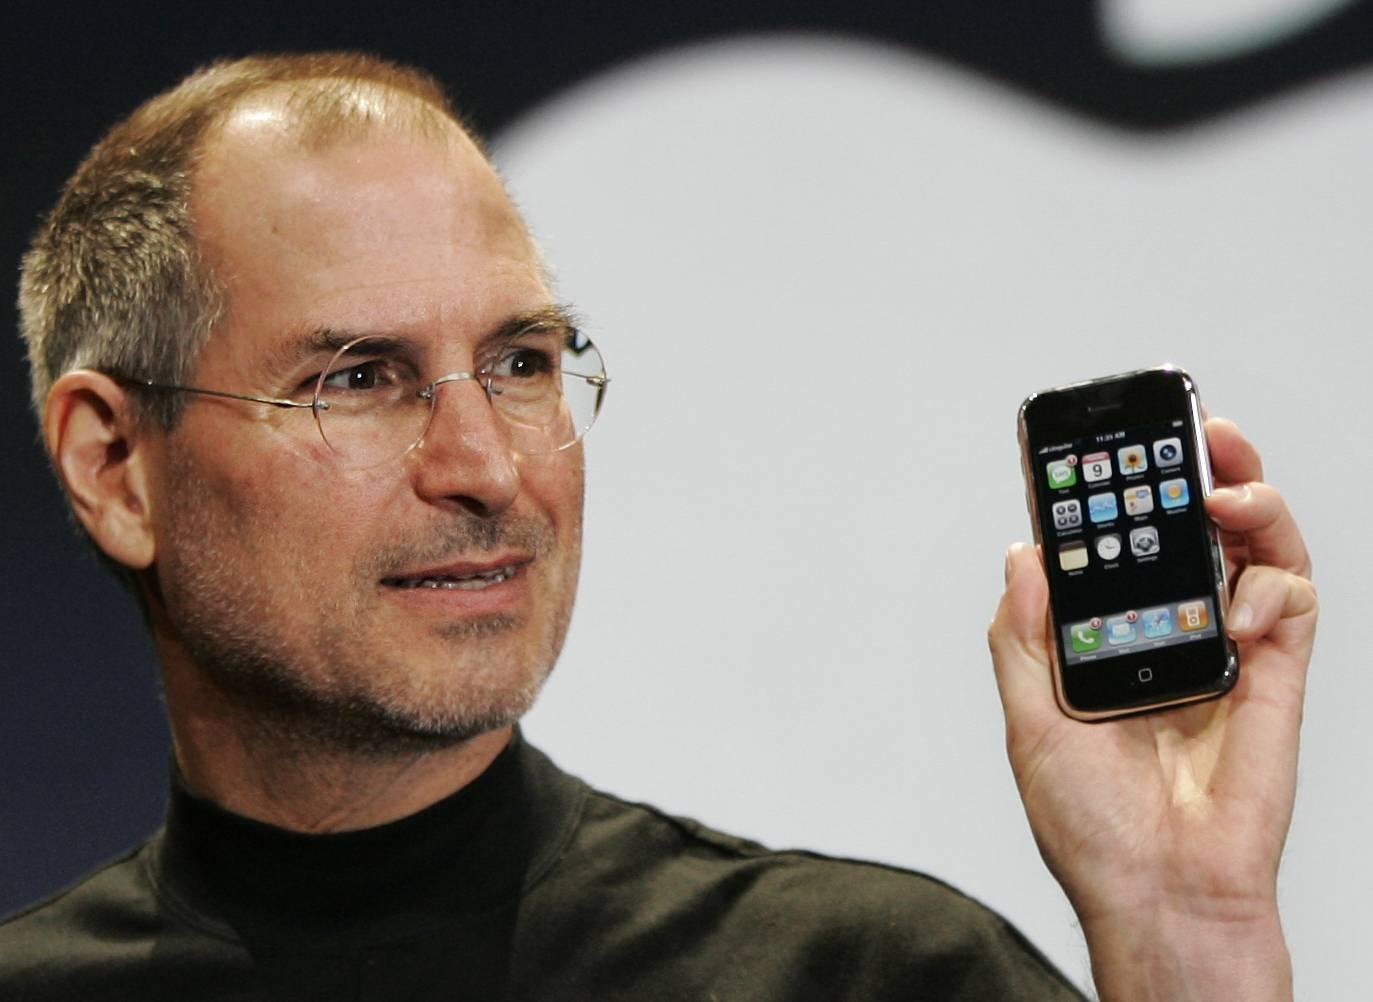 乔布斯介绍第一代iPhone 图片/AP Photo/Paul Sakuma)